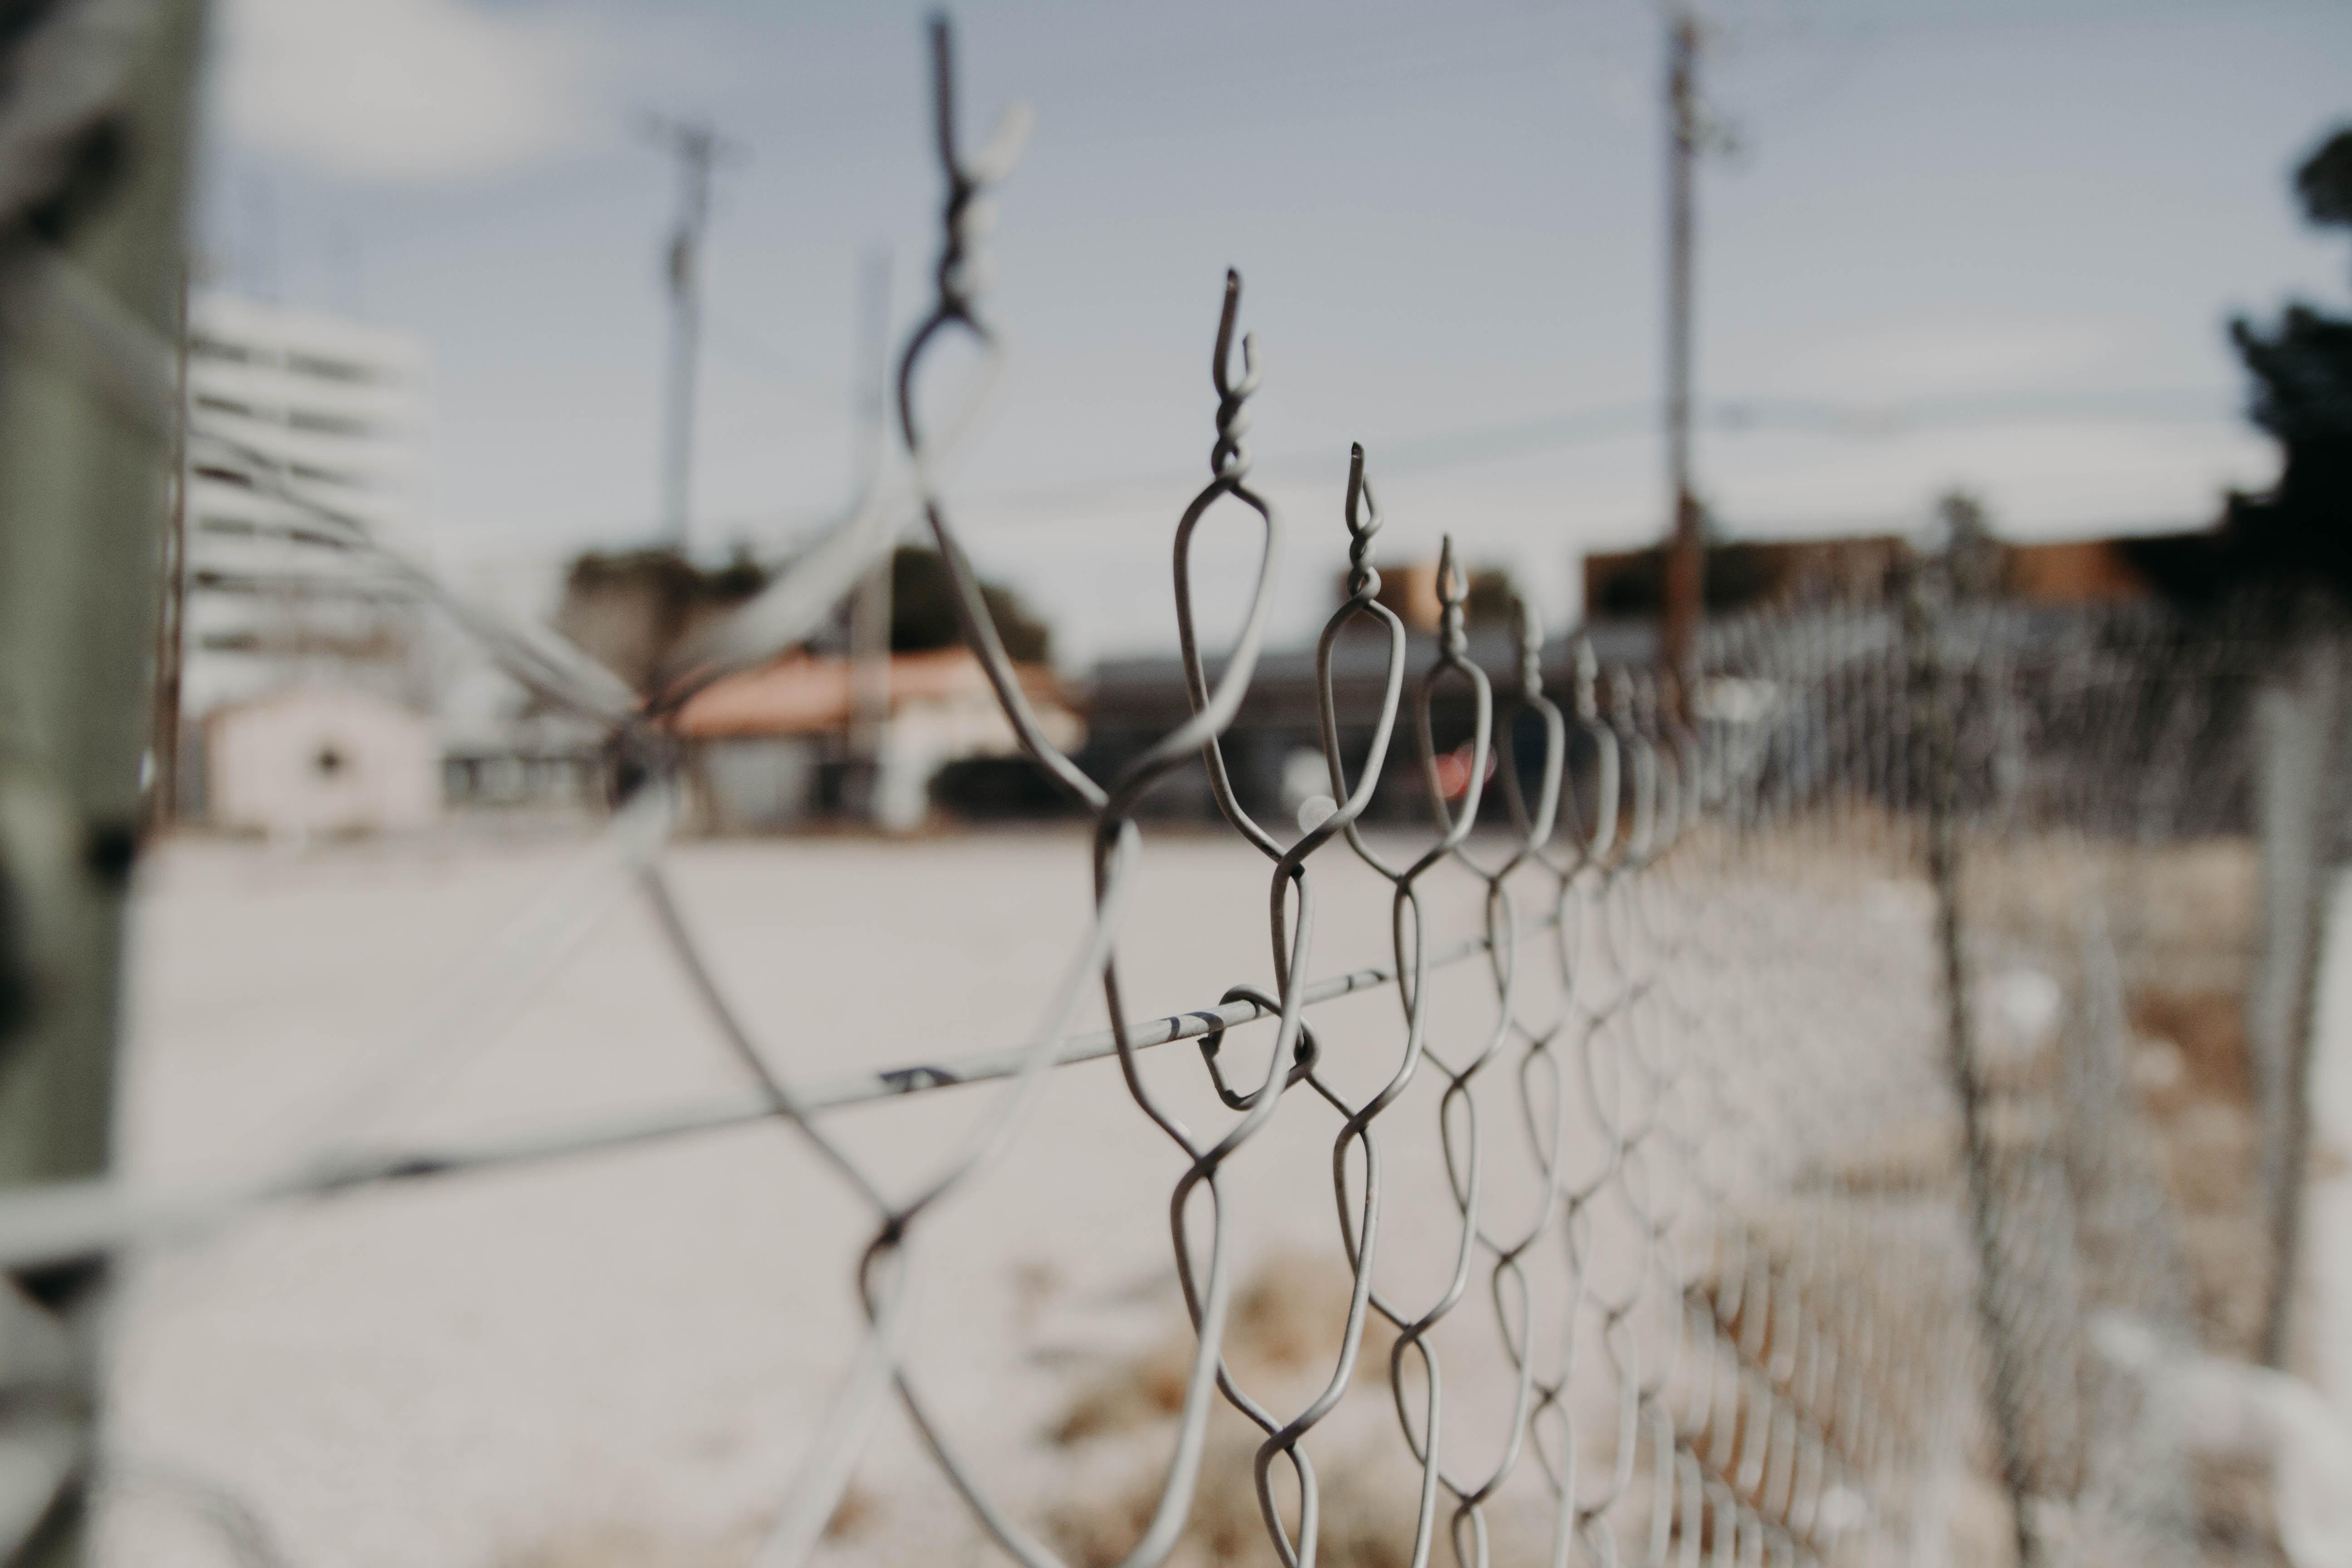 La lucha contra el hacinamiento en las prisiones